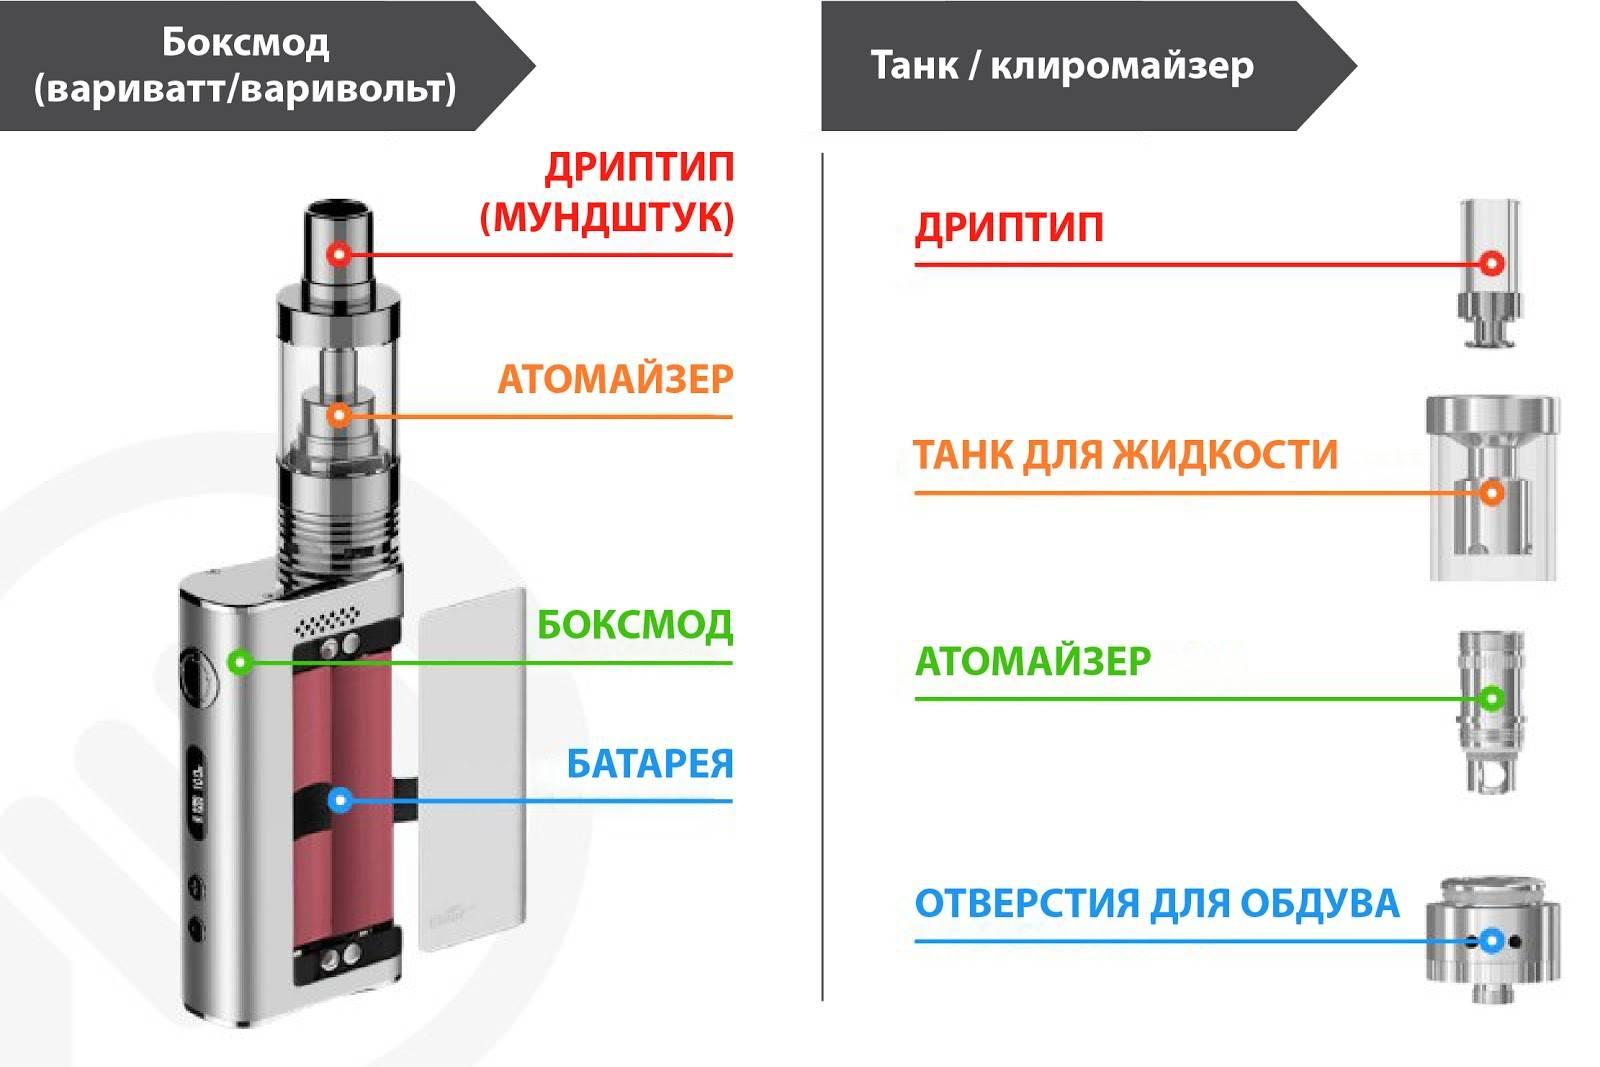 Плюсы и минусы электронной сигареты. азбука вейпинга: плюсы и минусы (преимущества и недостатки) электронных сигарет